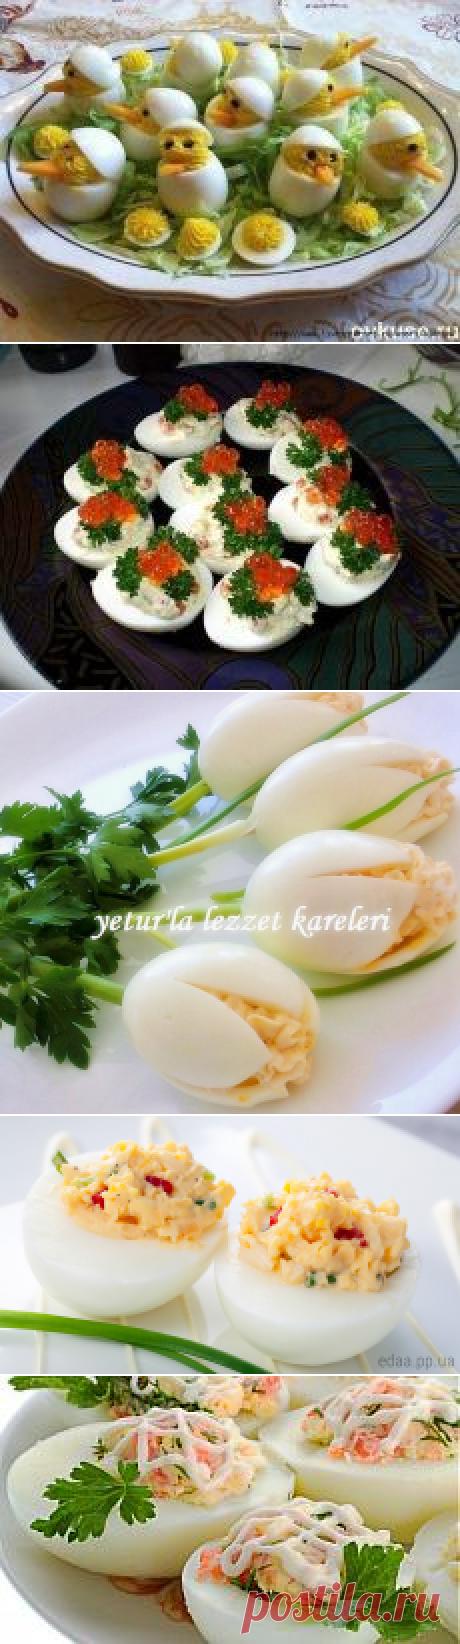 Поиск на Постиле: фаршированные яйца